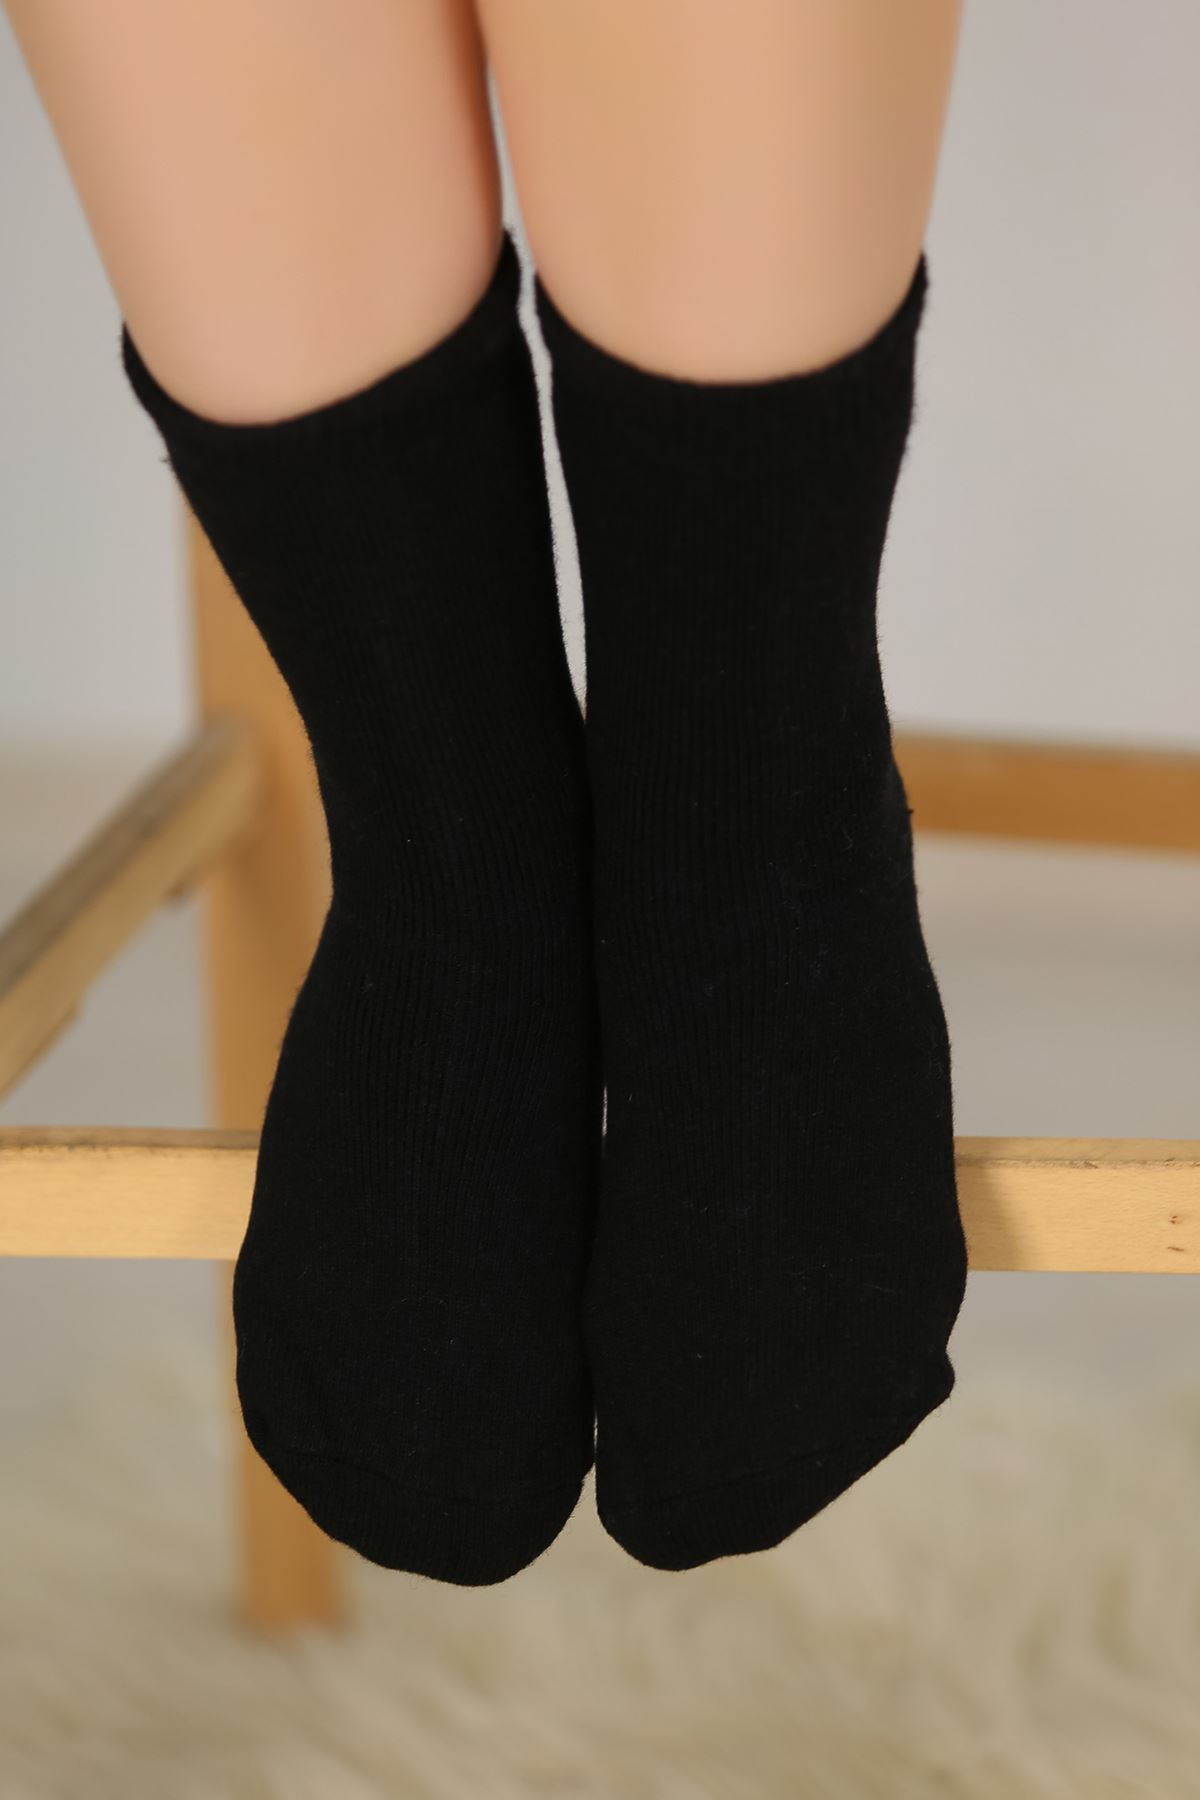 Yün Termal Çorap Siyah - 1111.1114.